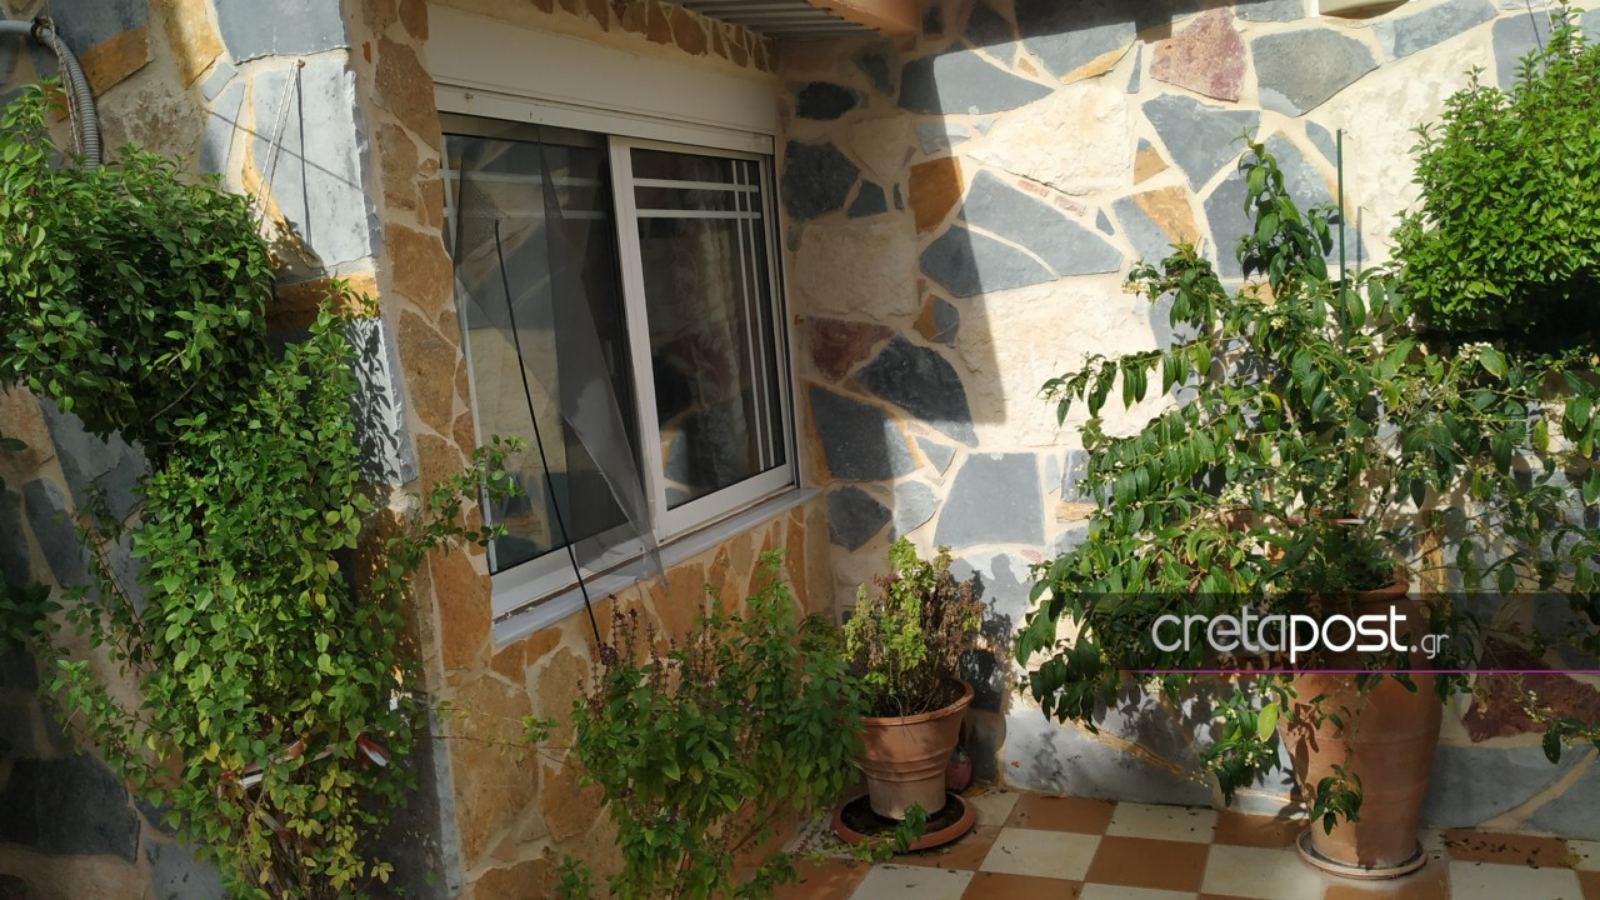 Εγκλήματα στην Κρήτη